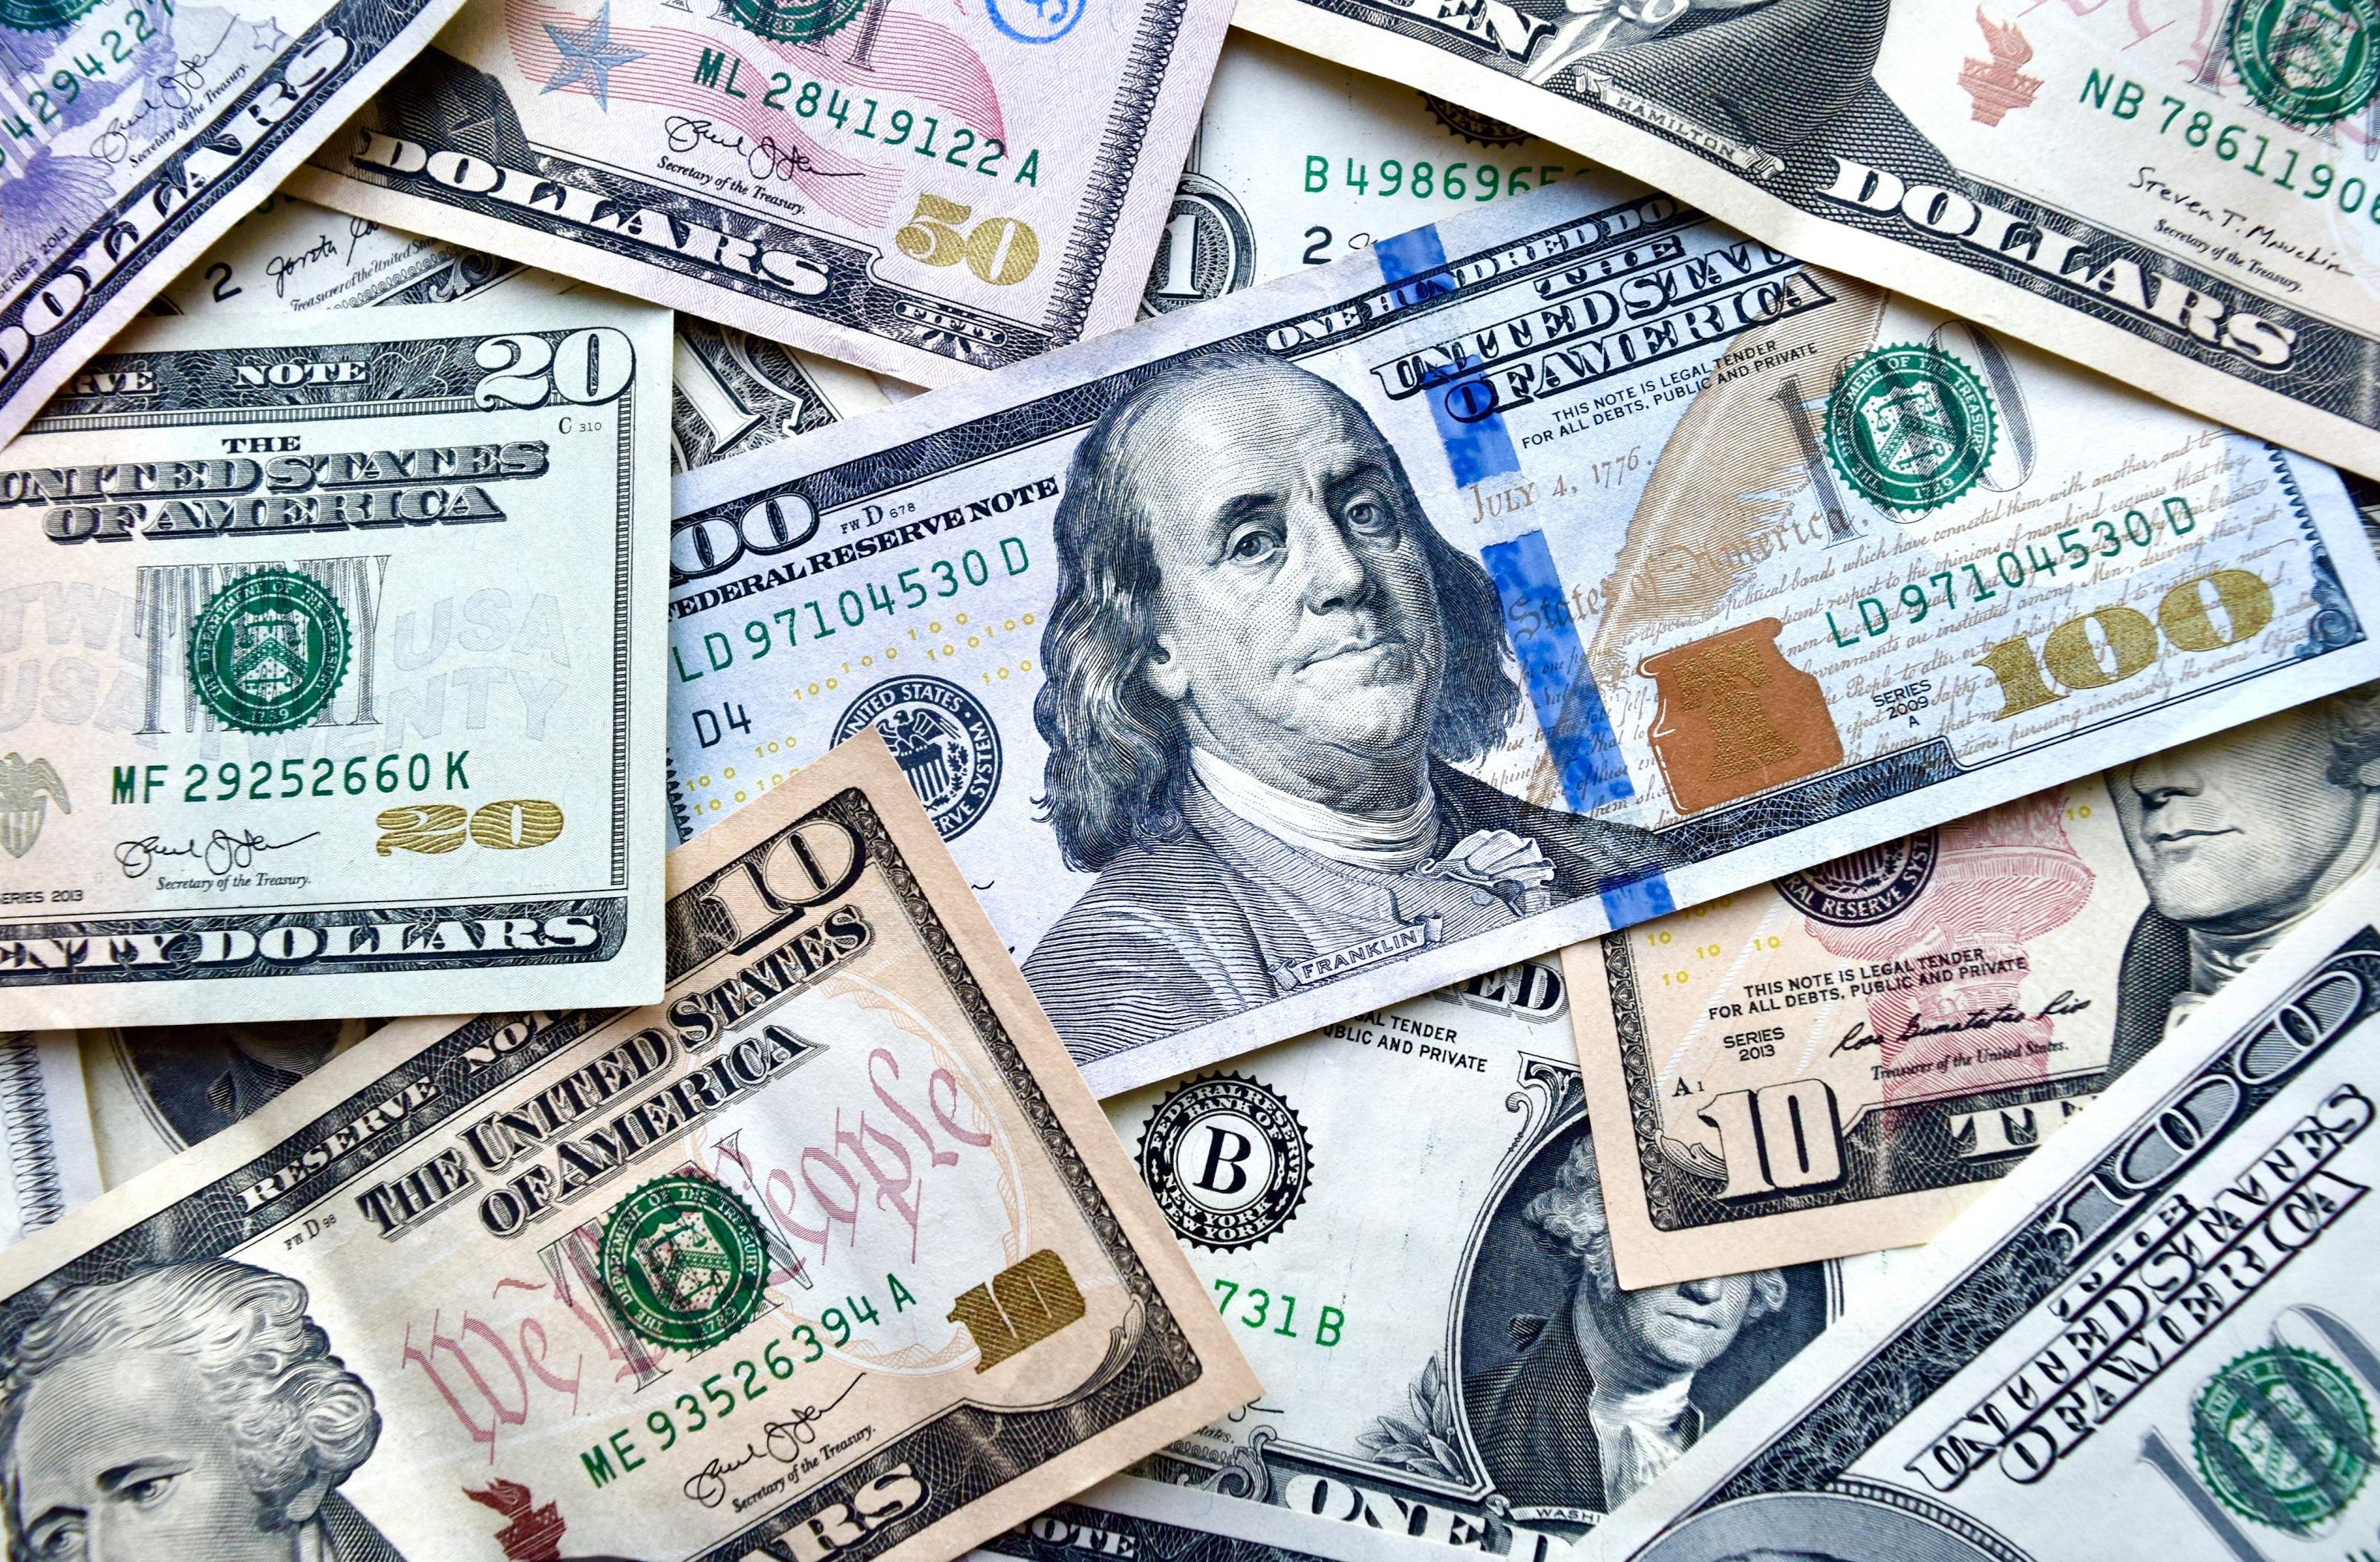 TW1021_money.jpg